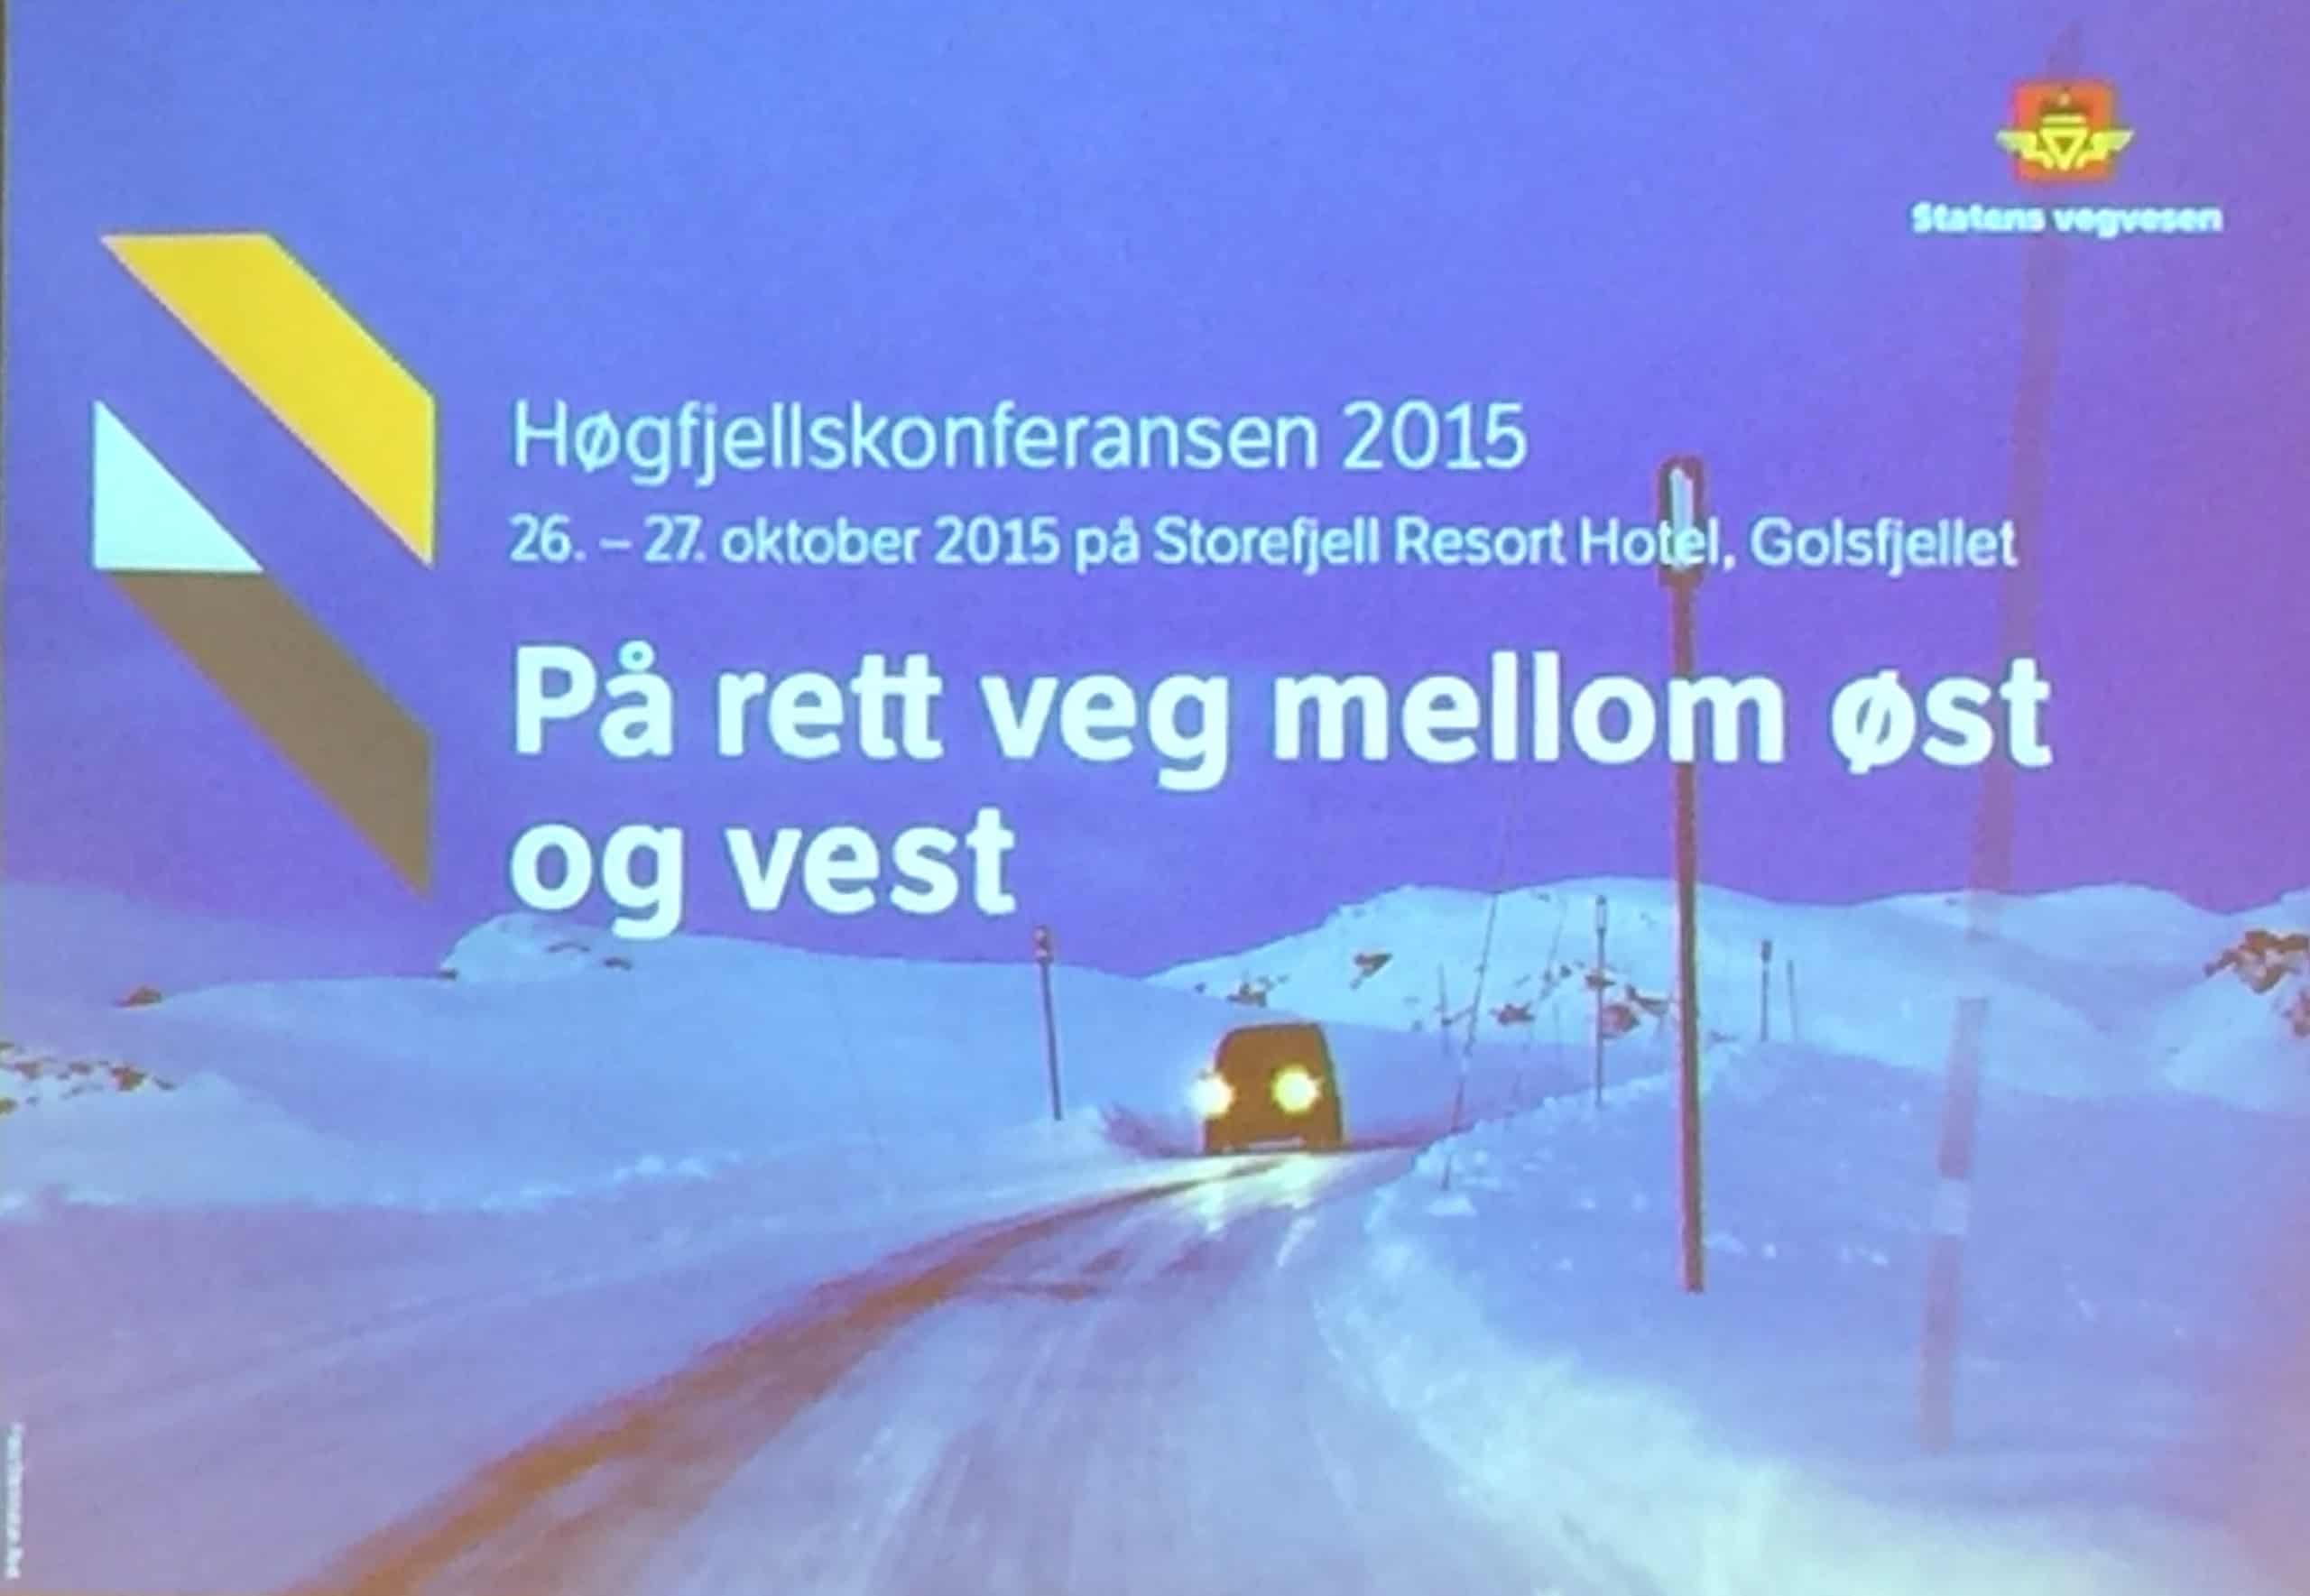 Anbefaler tunnelløsning under Hardangervidda